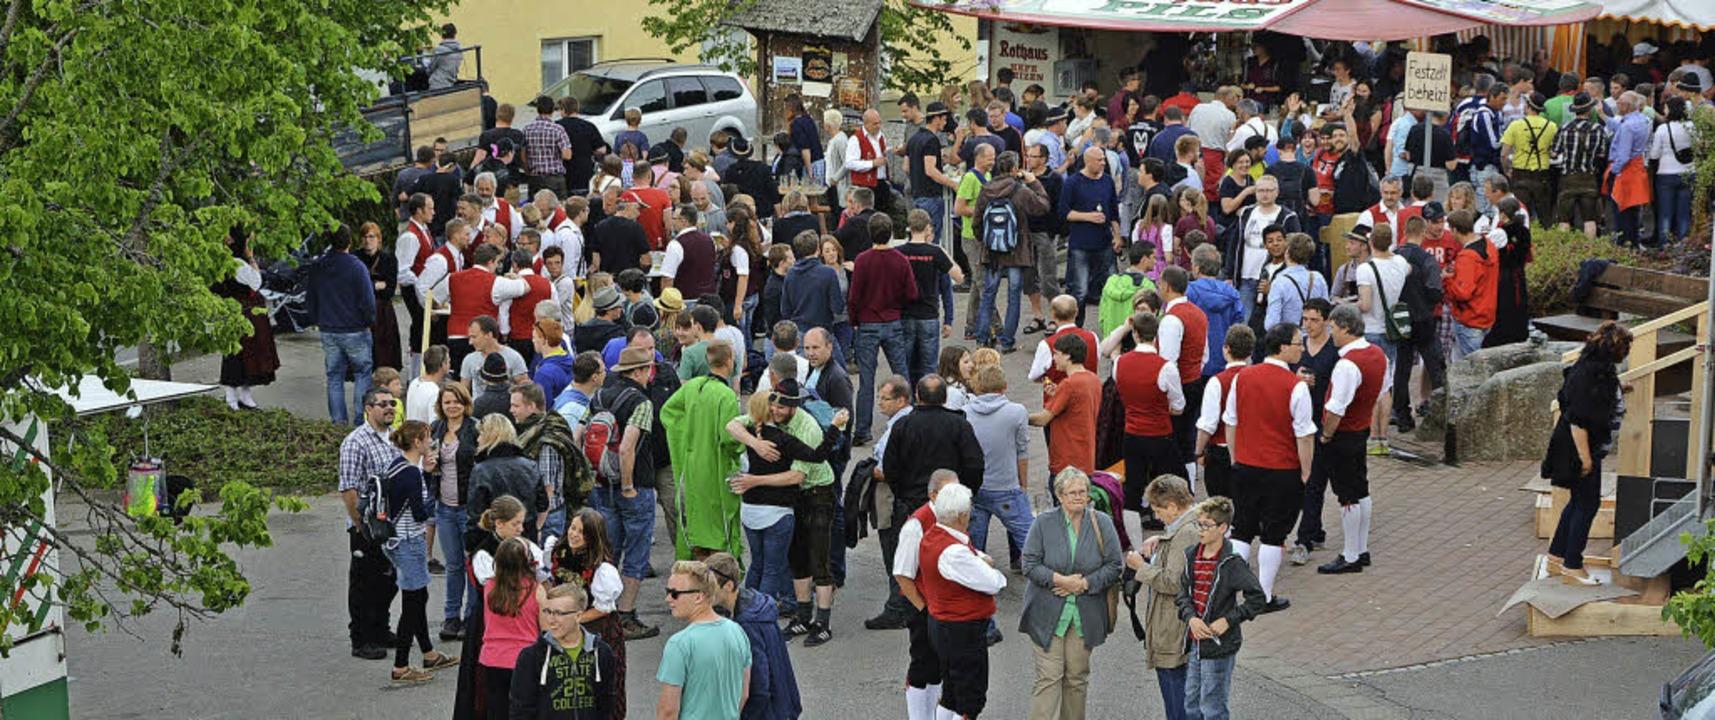 Das Fest des Musikvereins Riedern am W... weniger Stunden quasi zum Volksfest.   | Foto: Patrick Burger